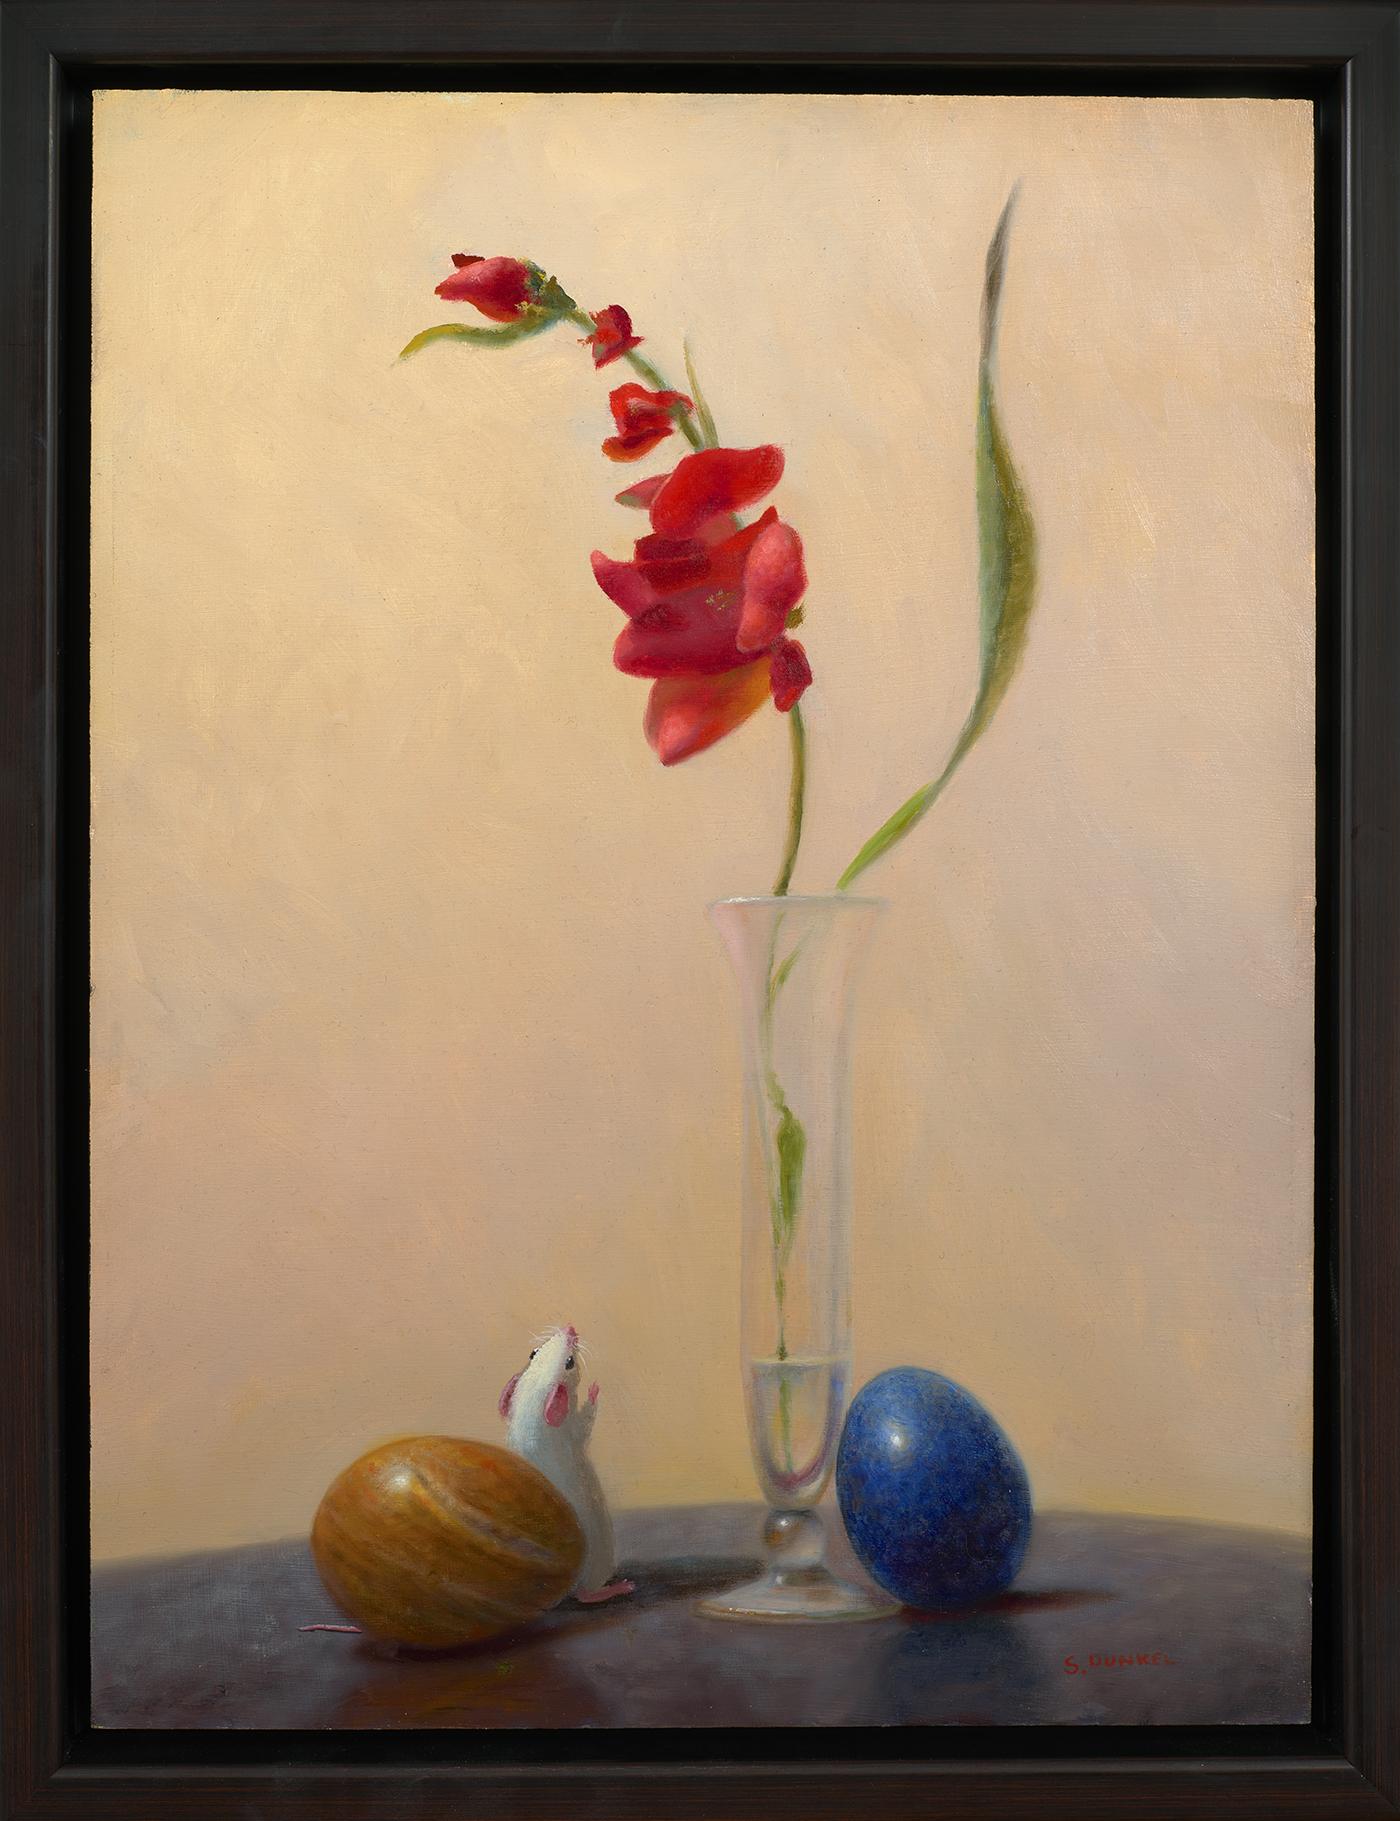 stuart_dunkel_sd1613_orchid_and_eggs_framed.jpg